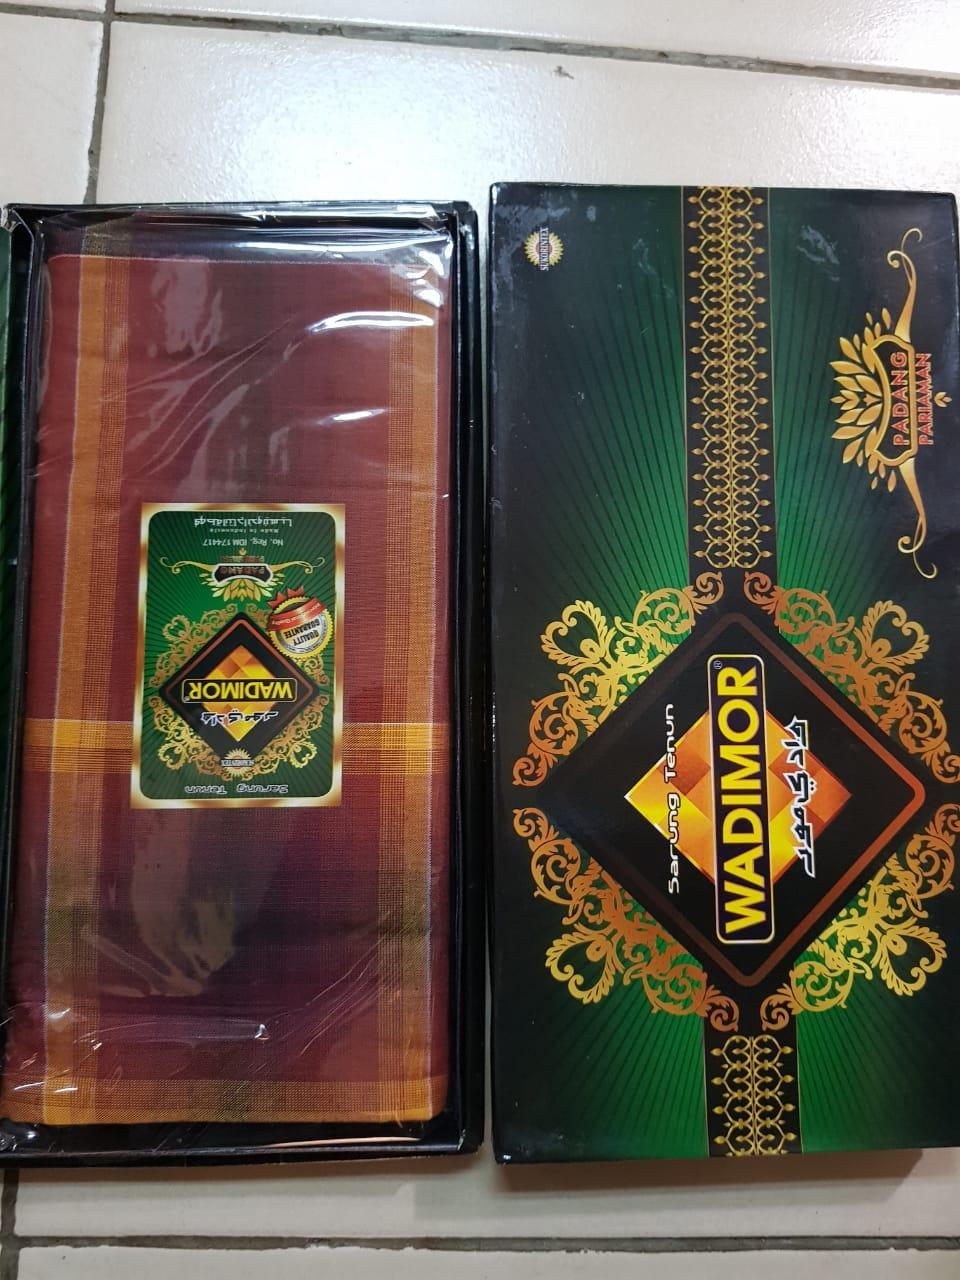 Sarung wadimor bahan lembut dan halus murah Tersedia juga sarung wadimor / sarung rubat / gajah 7000 made in indonesia / sarung sholat / sarung favorit 500 / gajah turis